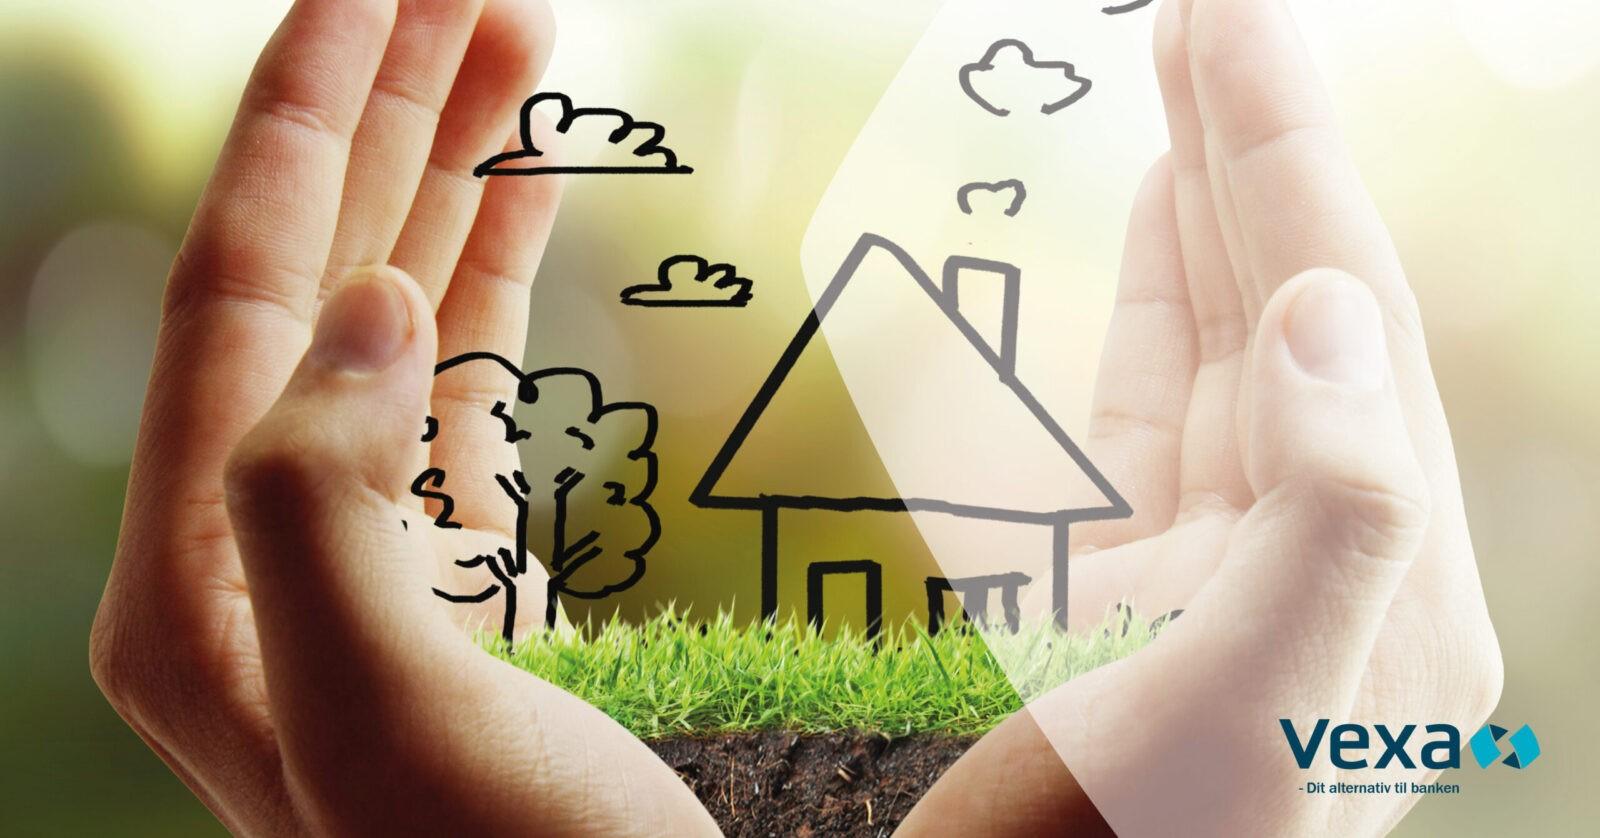 finansiering af byggegrund - Vexa